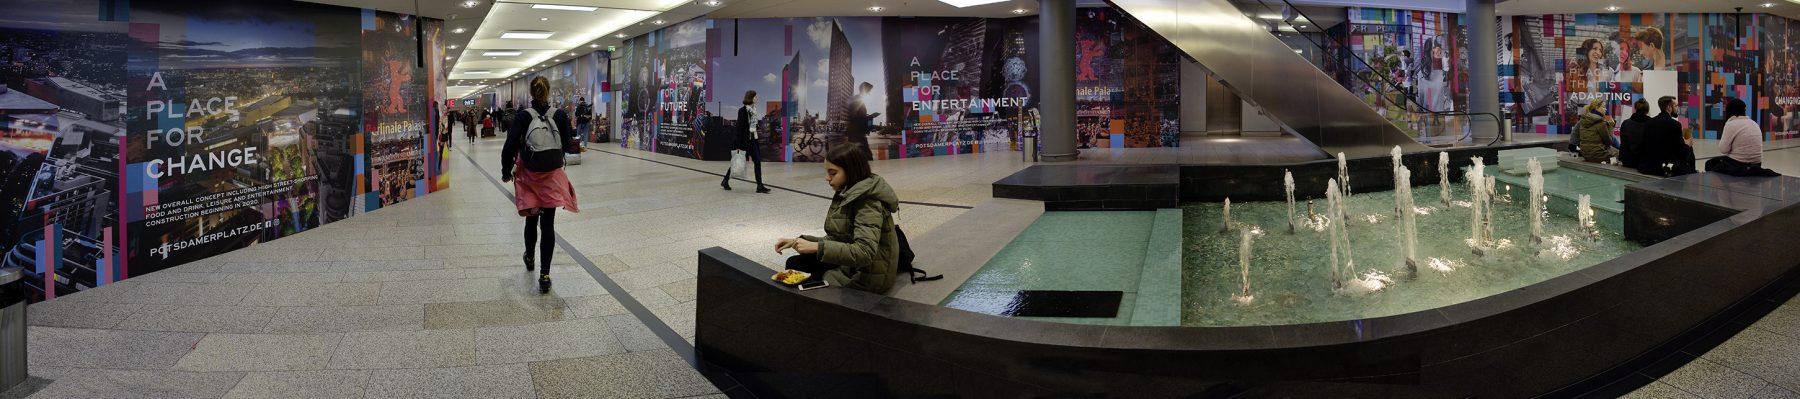 Leerstand und Umbau, Potsdamer Platz Arkaden